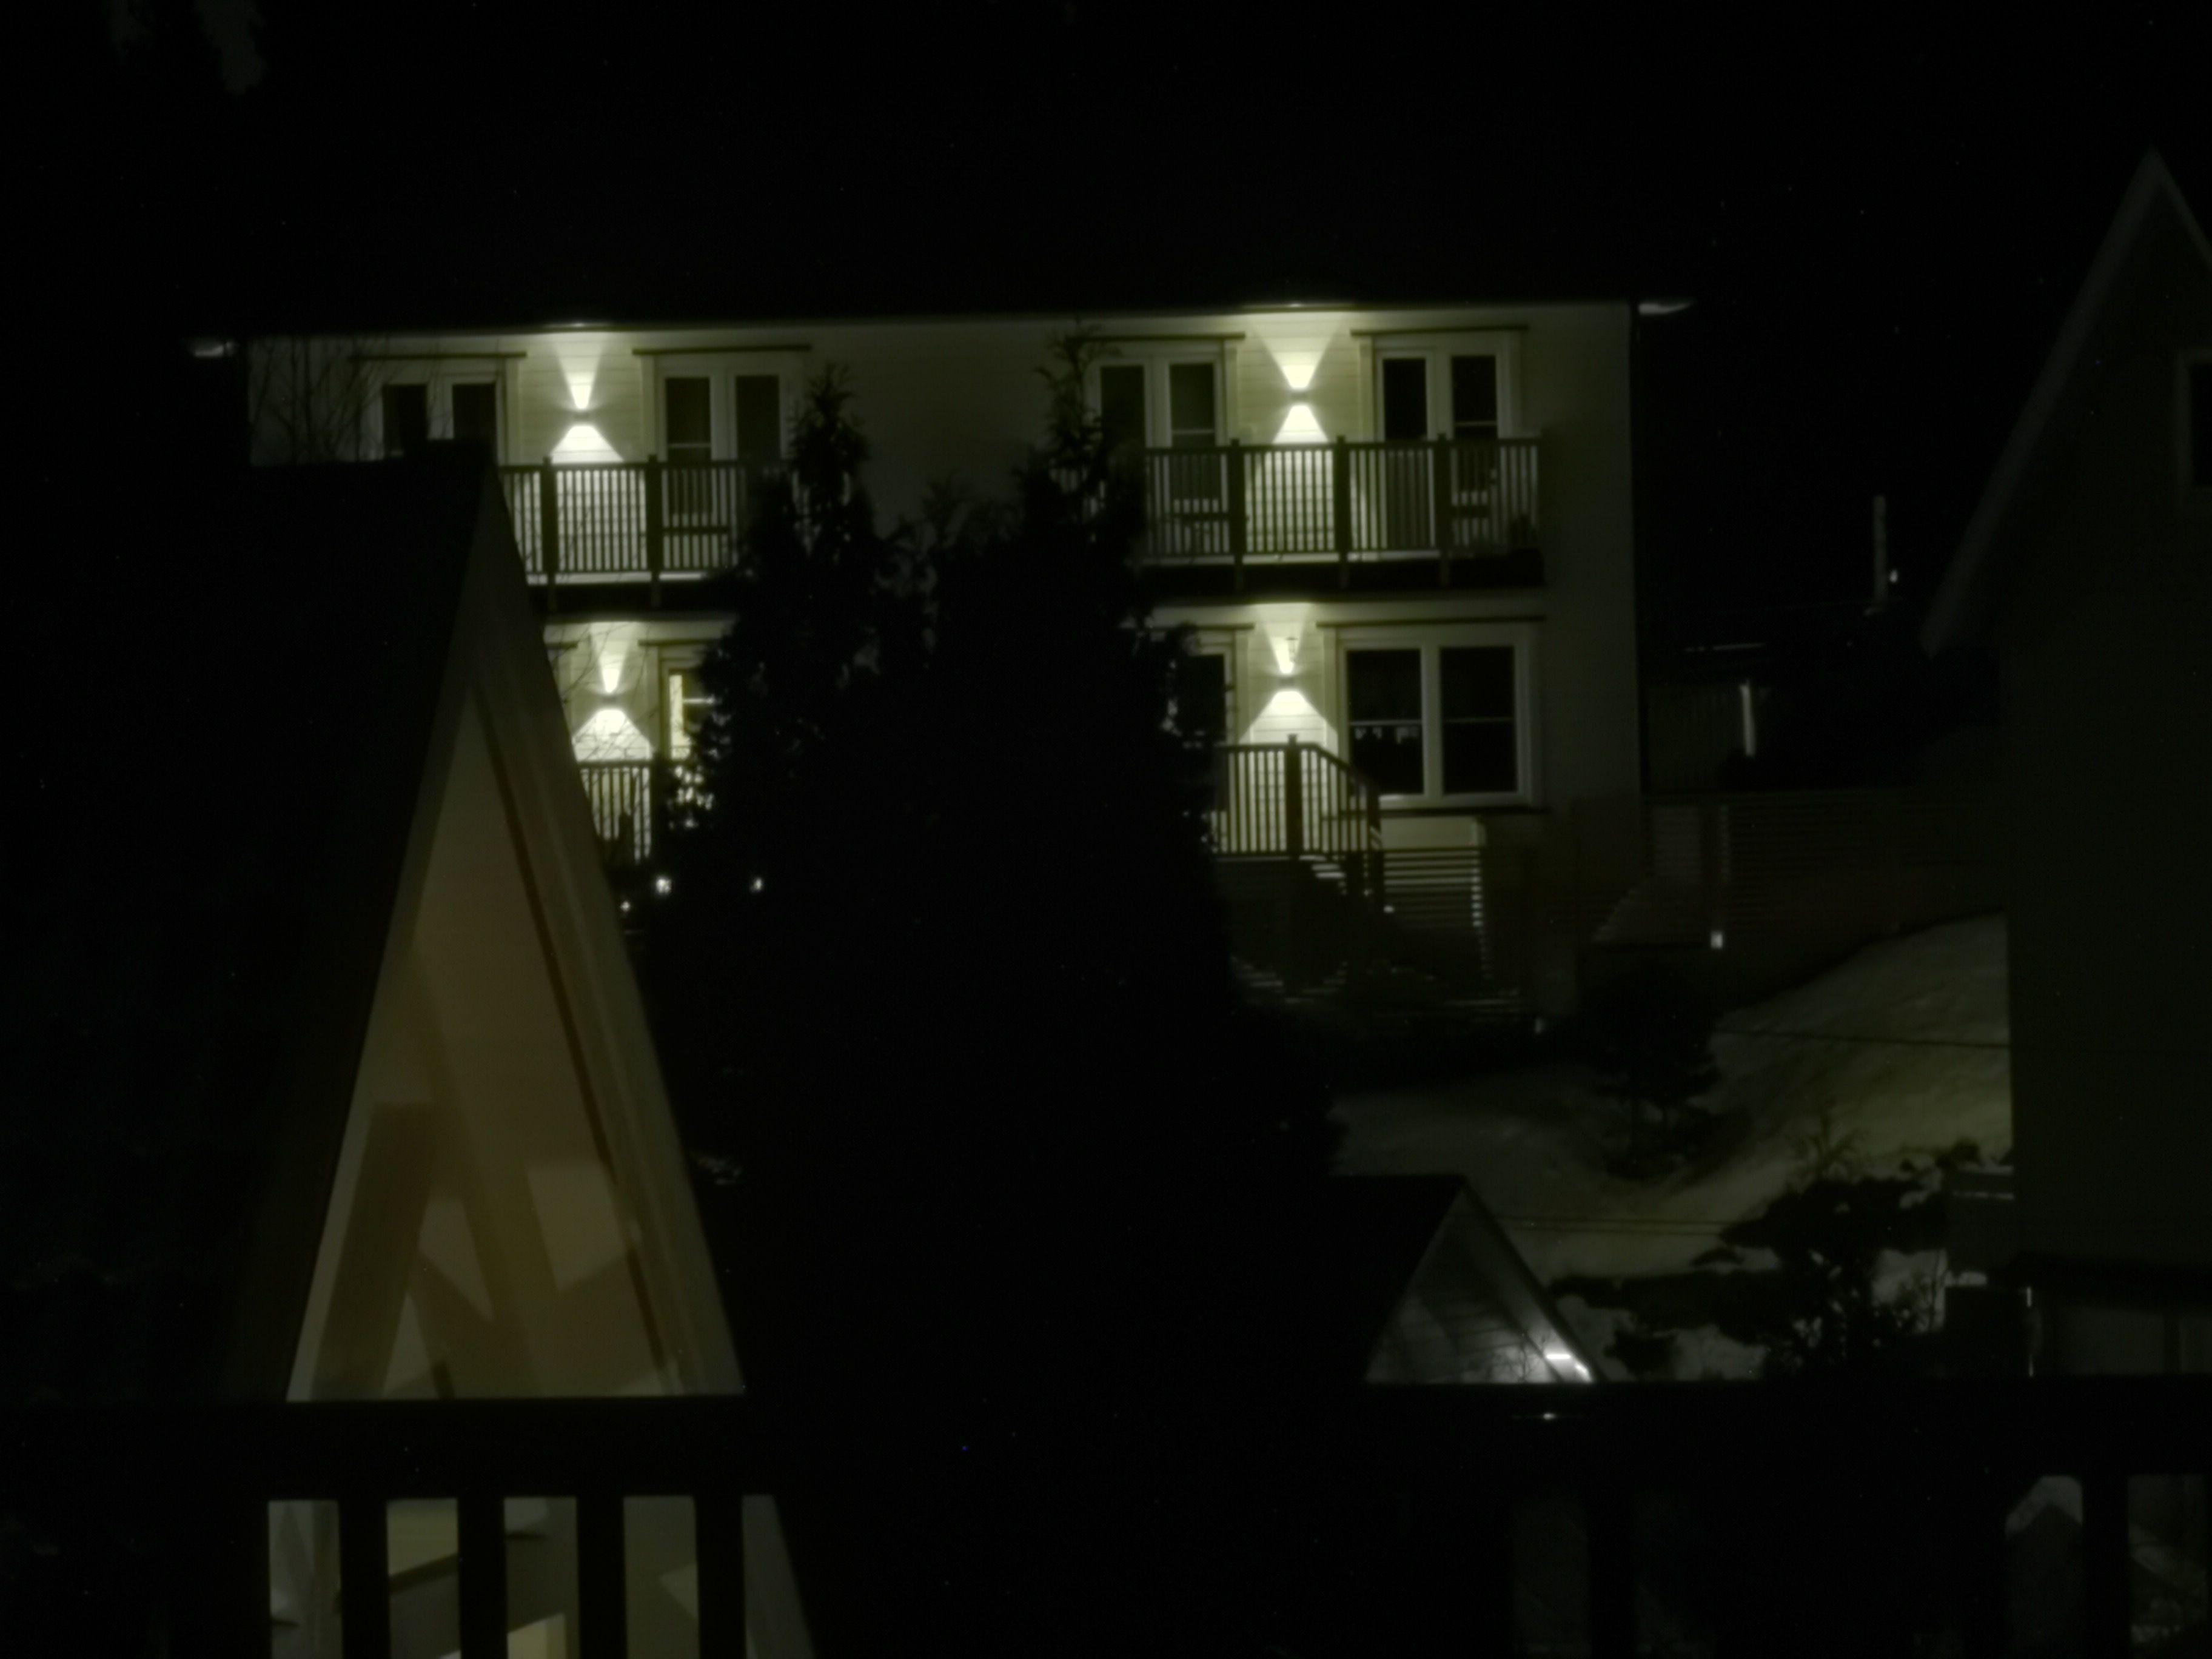 Det betyr at hvis du har et stativ eller stødige hender kan du zoome mye også i mørket. Dette er fra stativ.